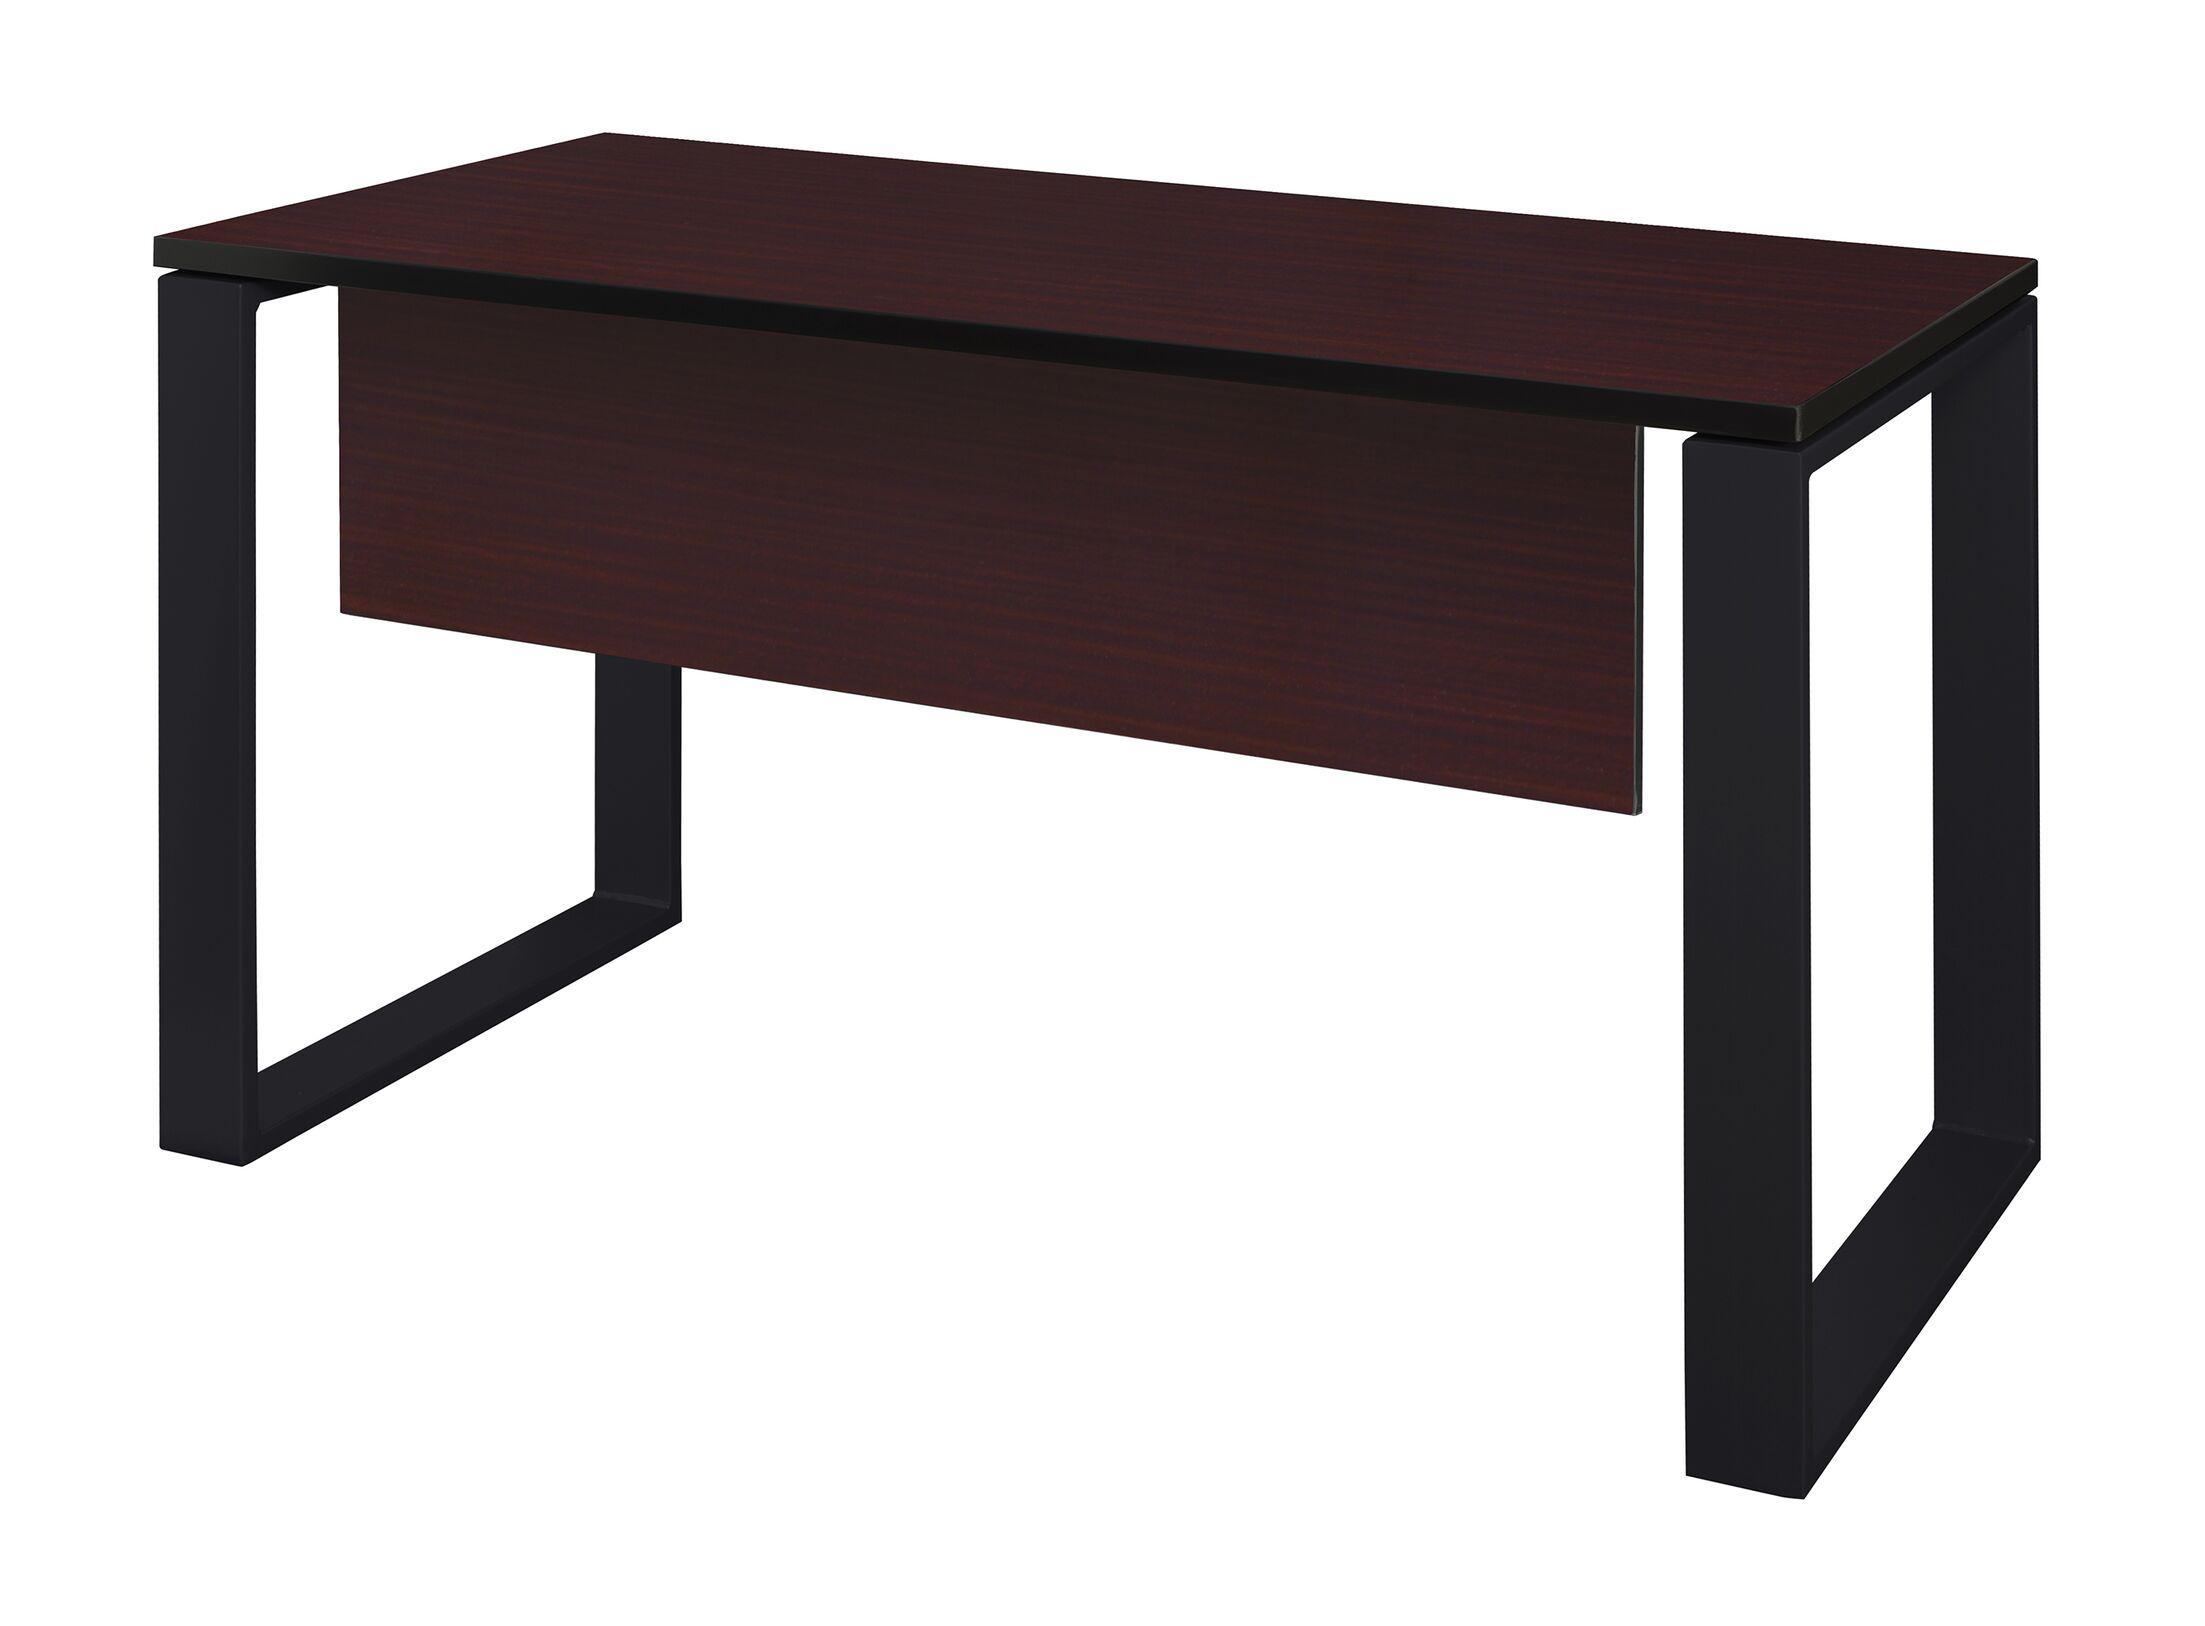 Mireya Training Table with Modesty Panel Base Finish: Black, Tabletop Finish: Mahogany, Size: 29